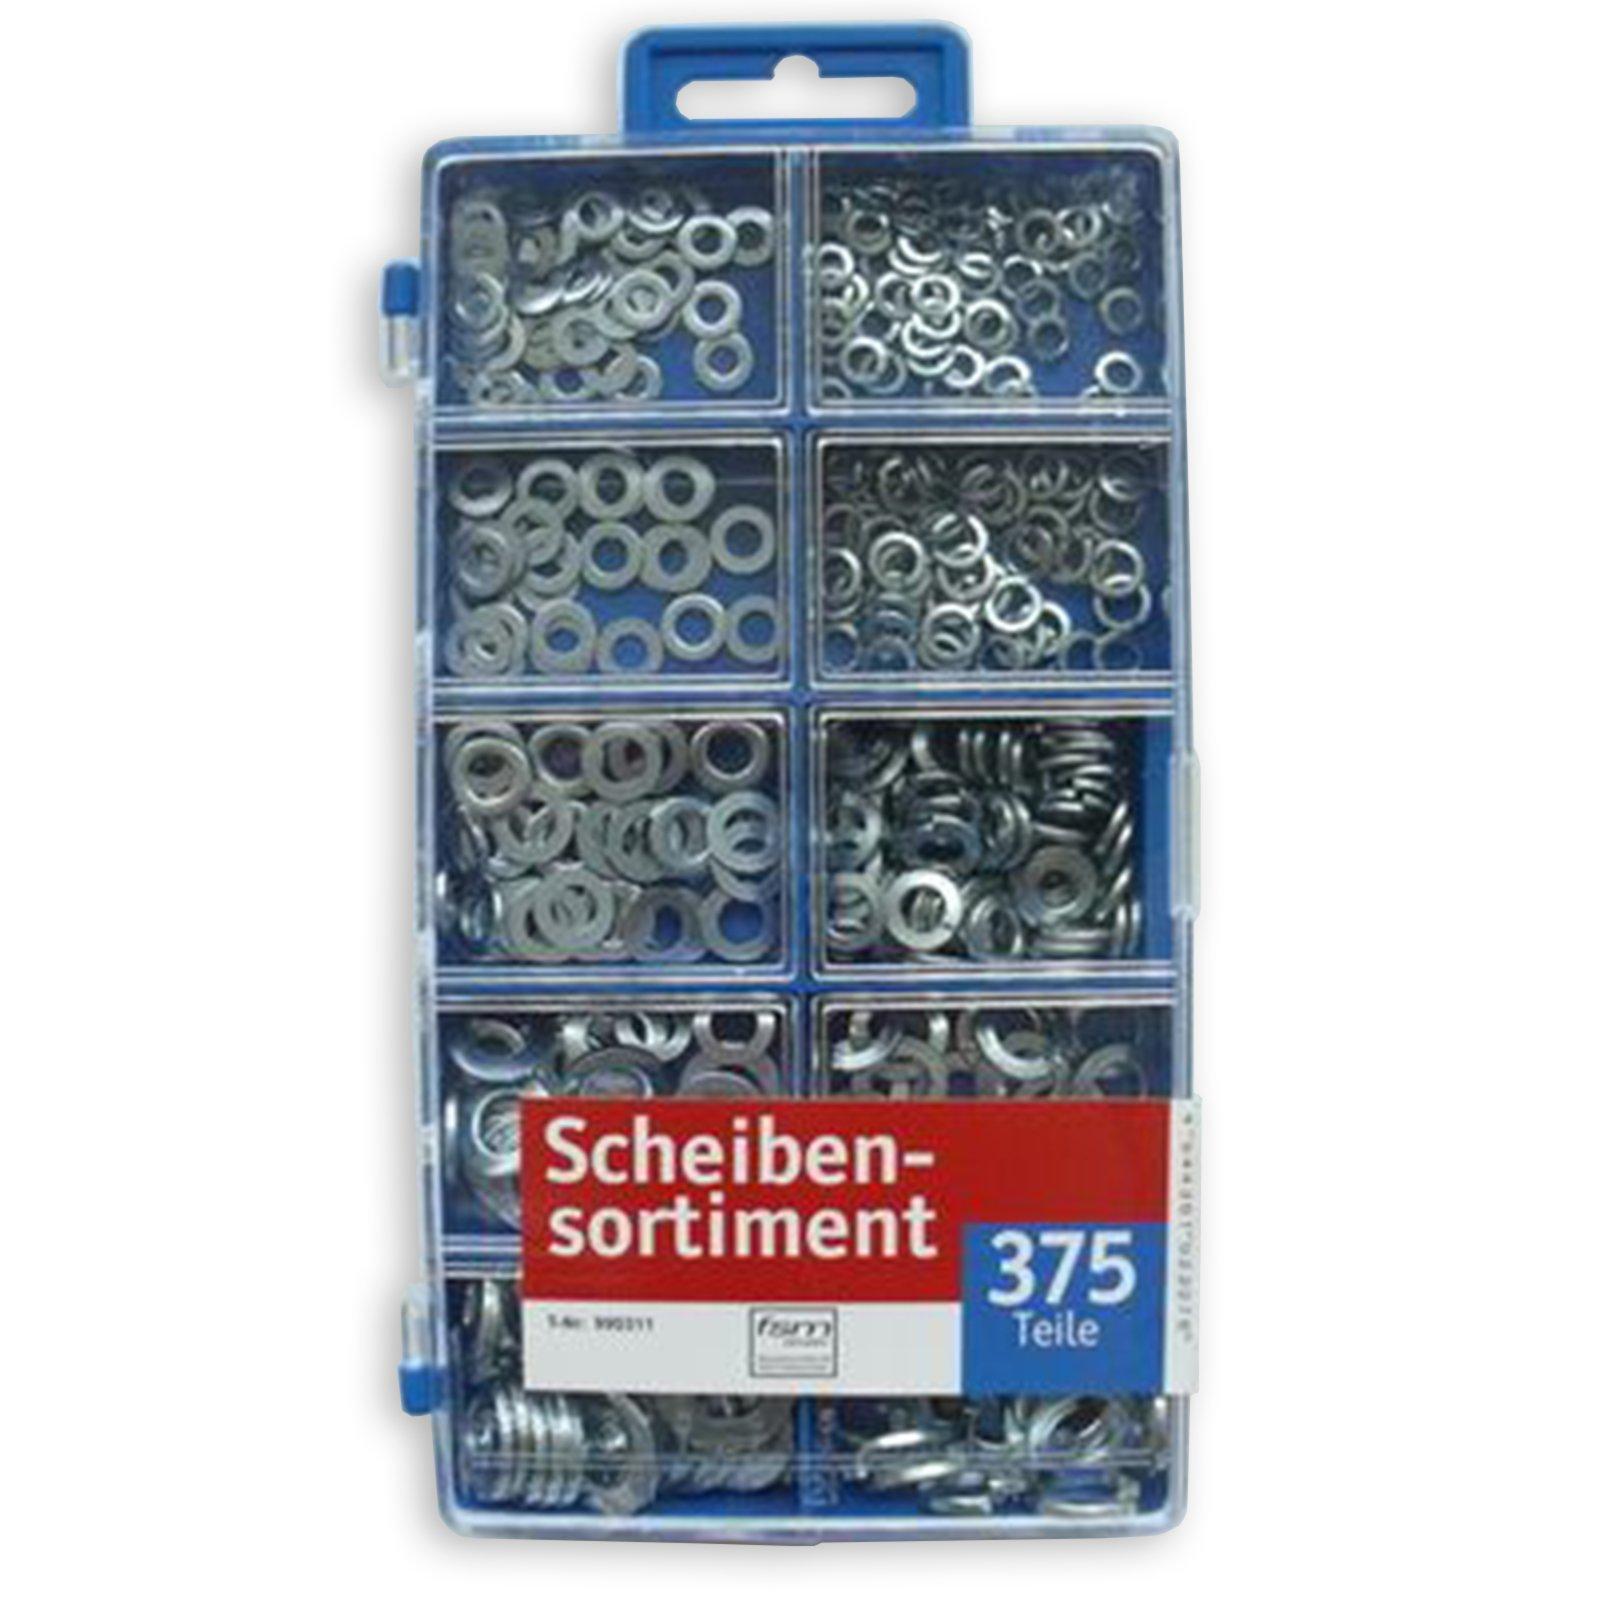 Unterlegscheiben-Sortiment - 375 Teile - verschiedene Größen